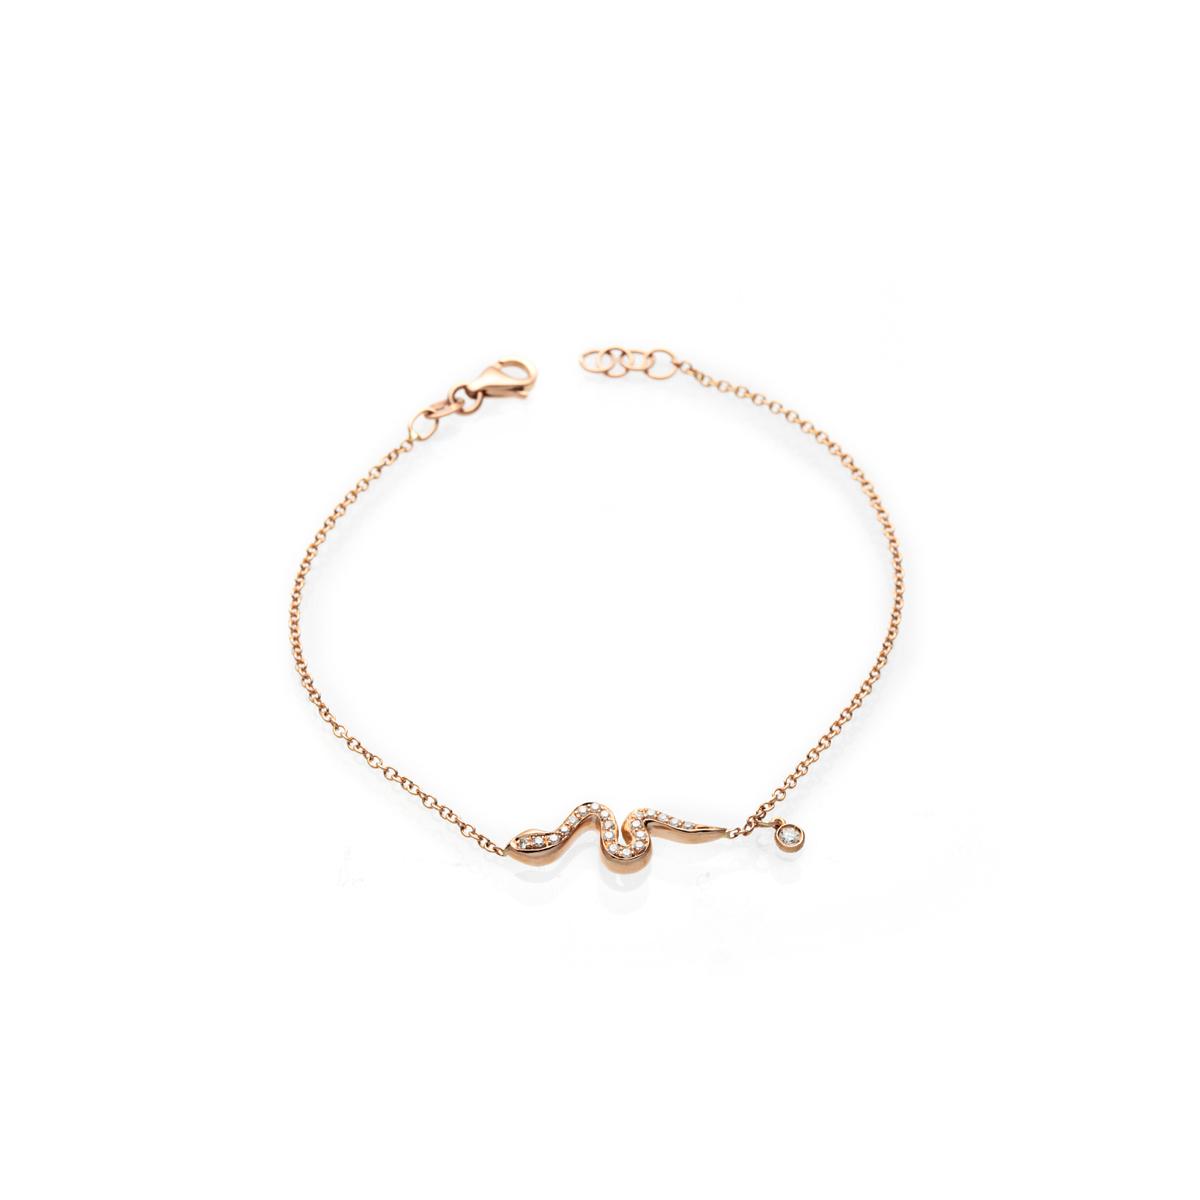 18 Kt Gold Snake Bracelet with Diamonds